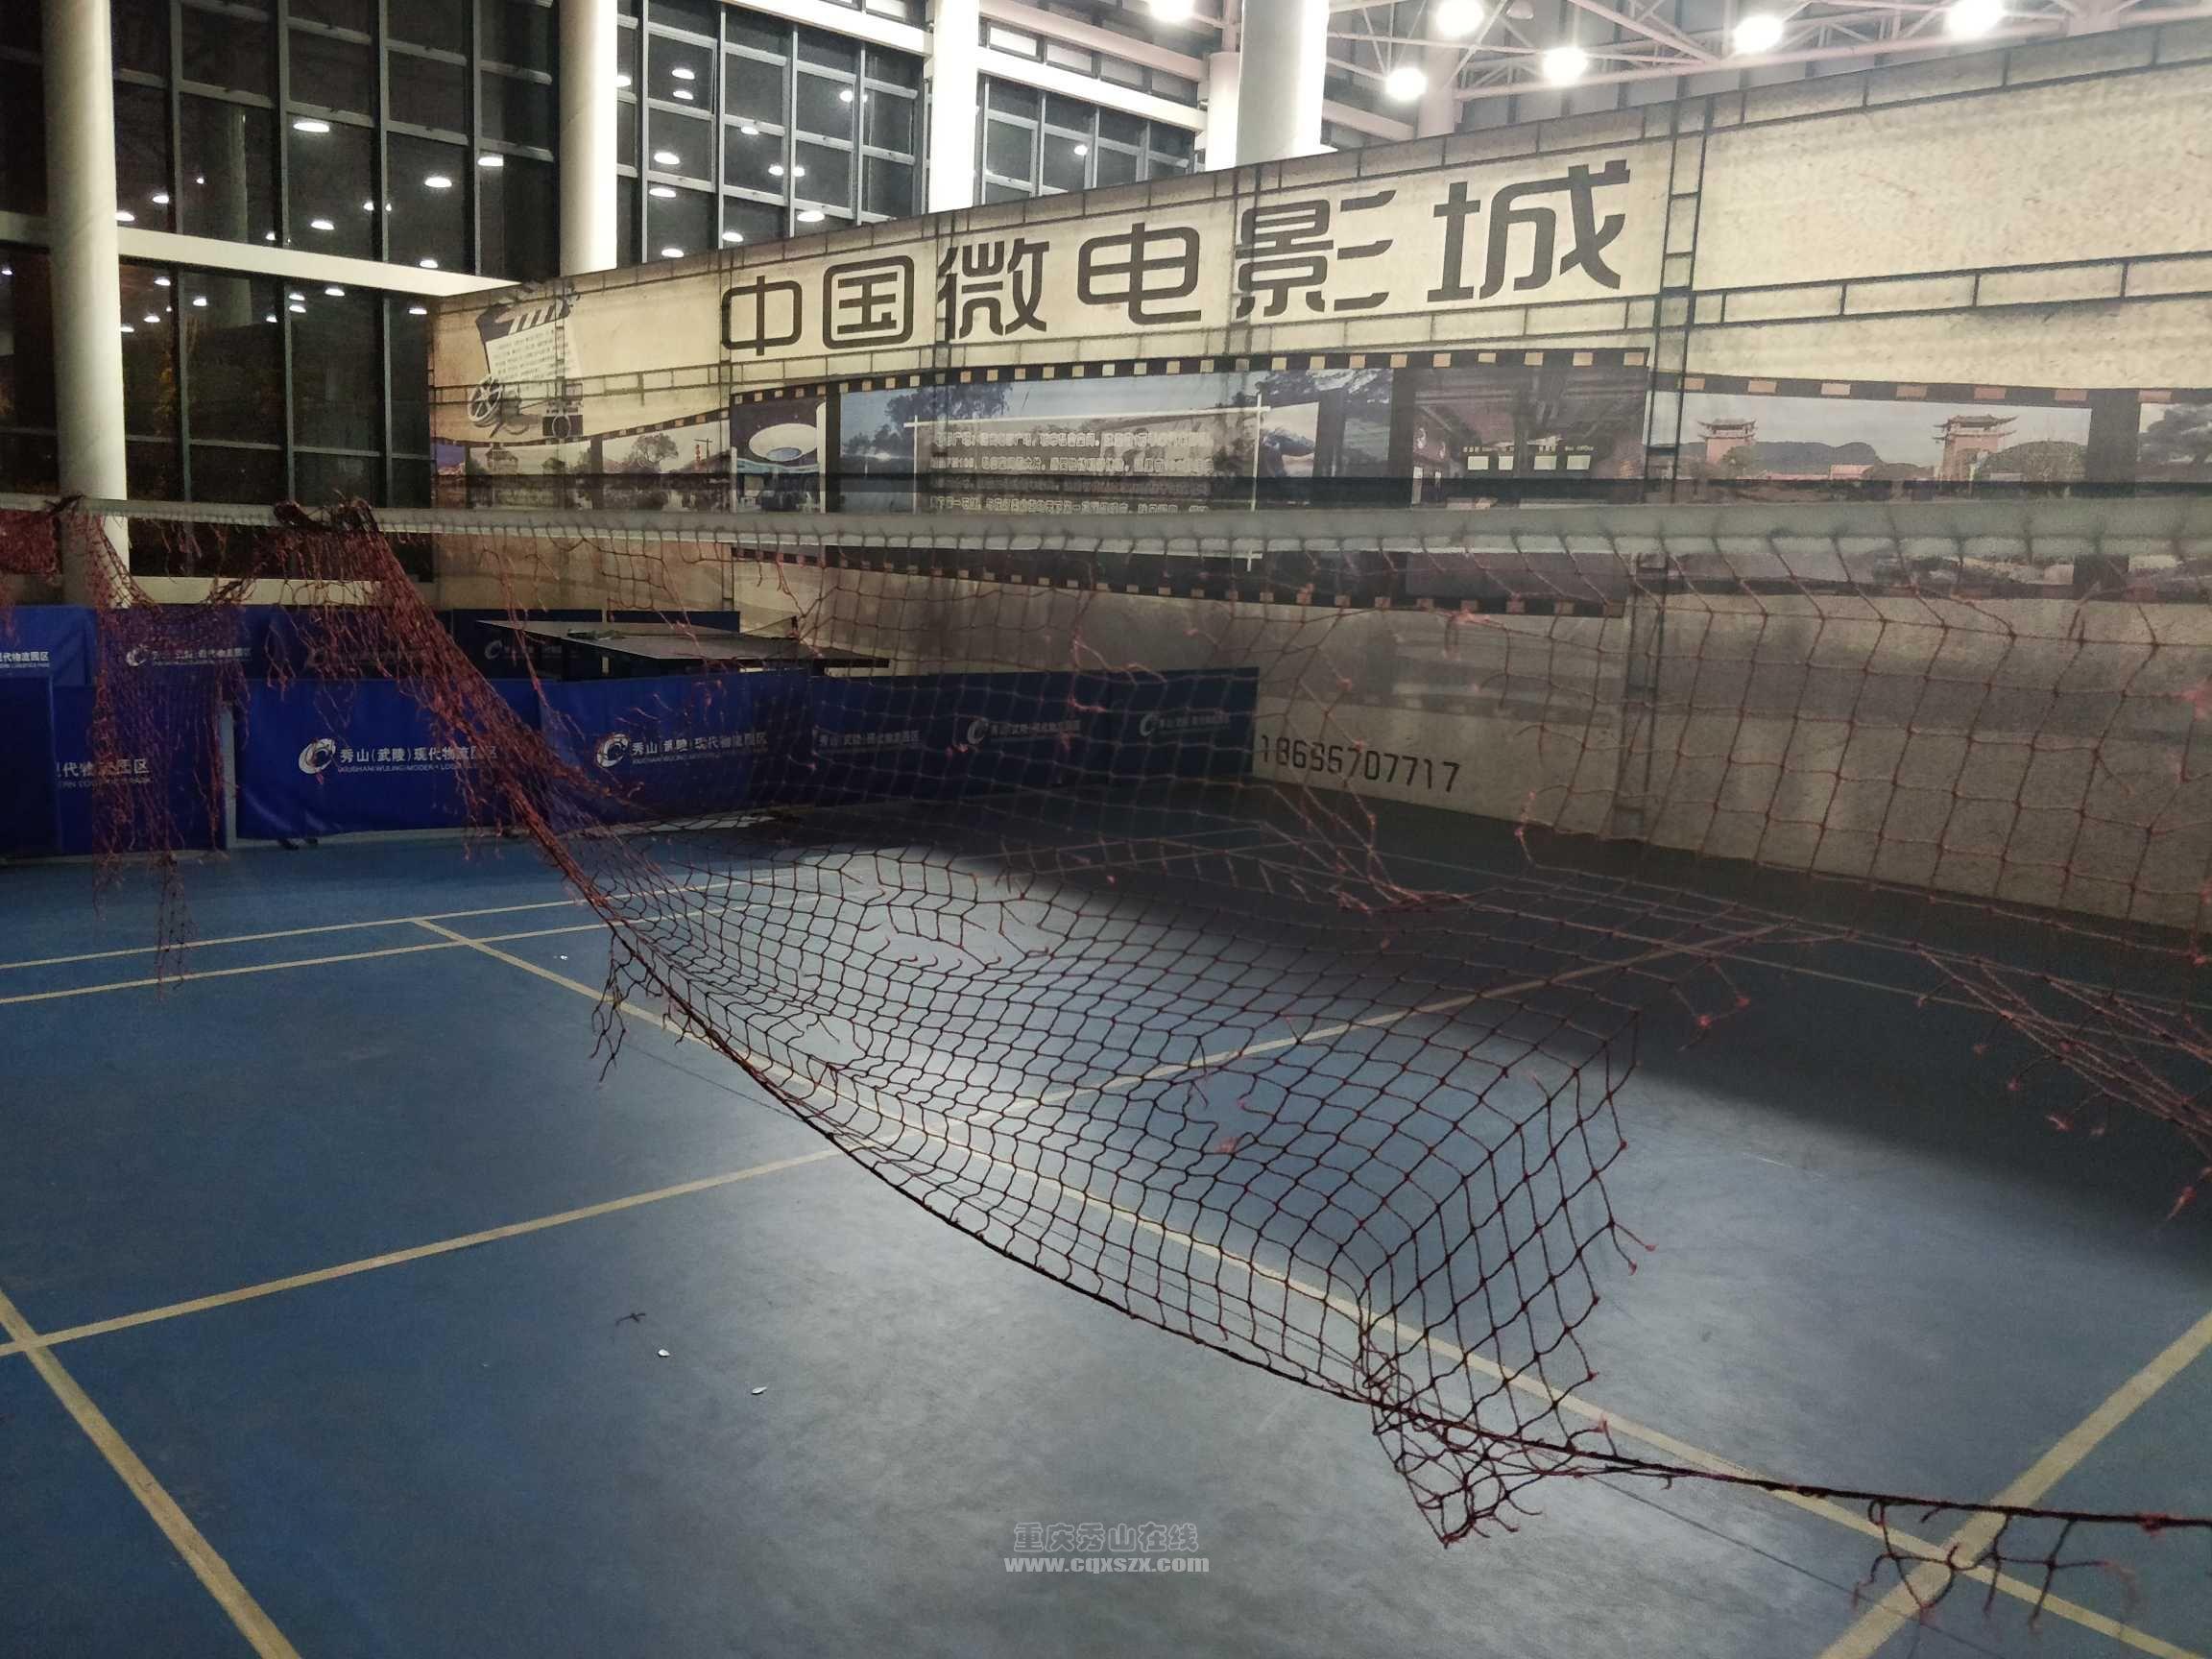 秀山会展中心羽毛球场地不开灯,网破了也不换。